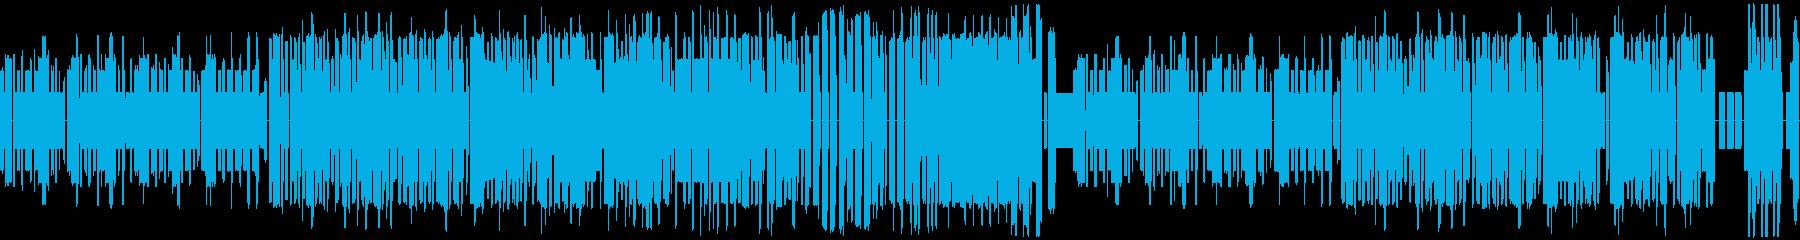 ほのぼの明るいディズニー風チップチューンの再生済みの波形